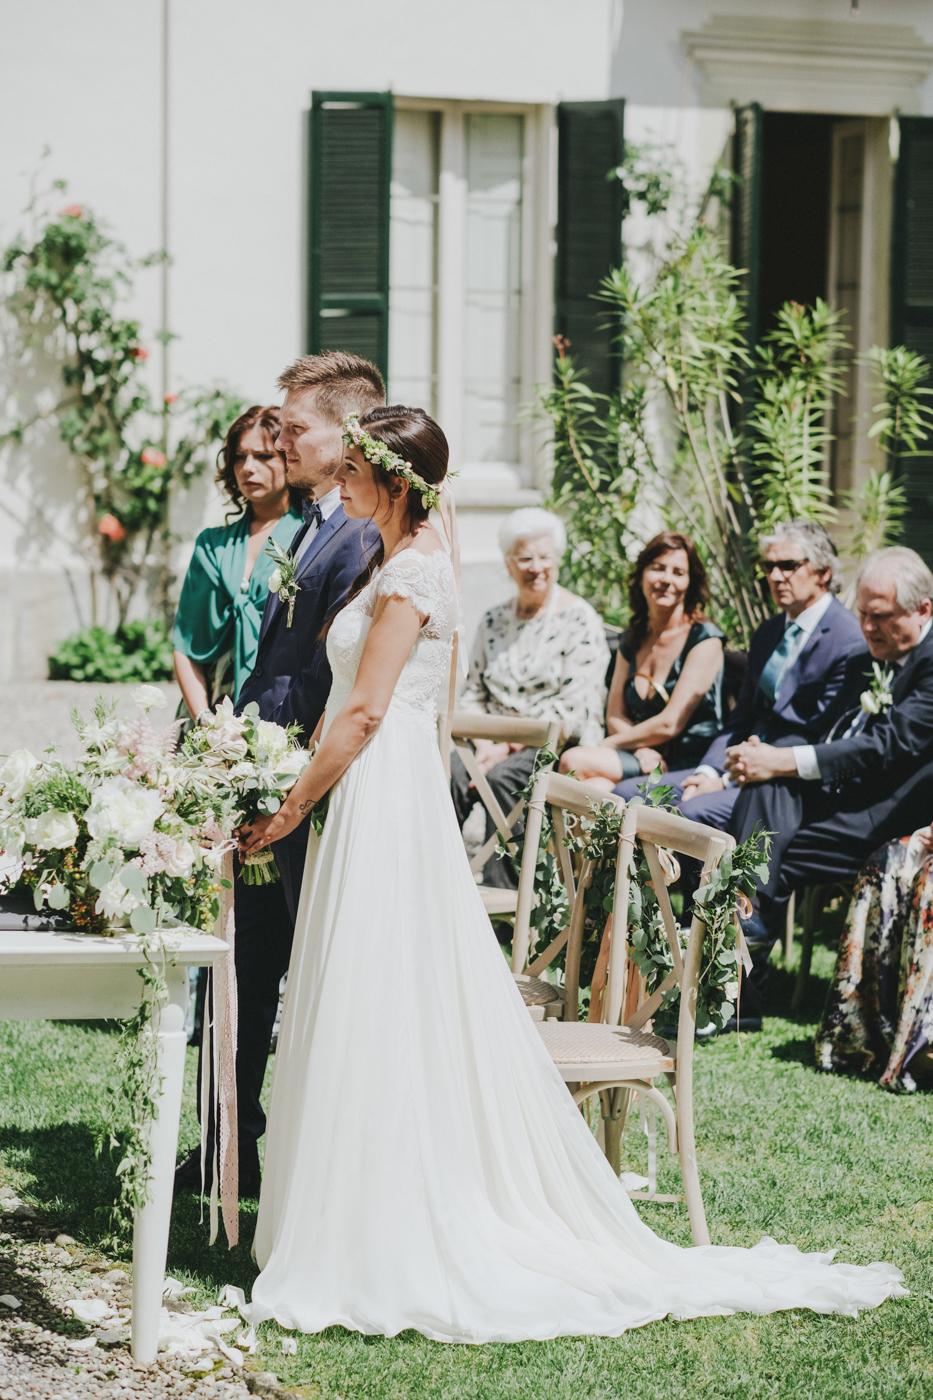 fotografo matrimonio como-39.jpg